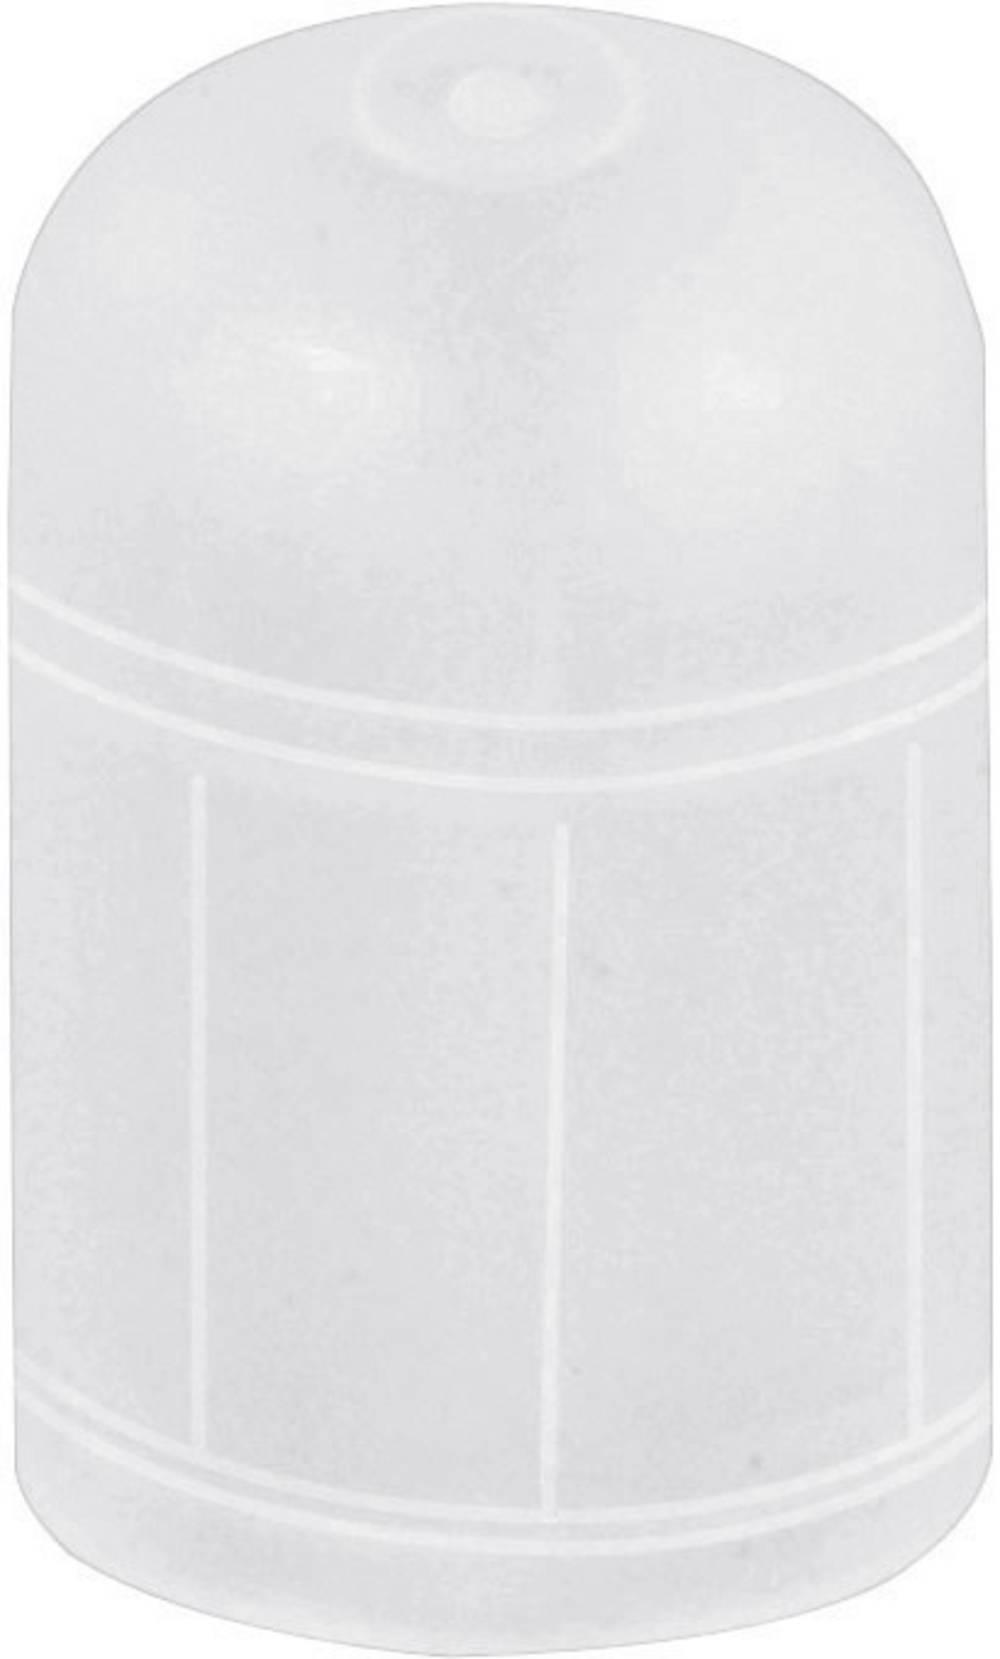 Zaščitni pokrovček premer (maks.) 12.7 mm polietilen naravne barve PB Fastener 062 0130 000 03 1 kos